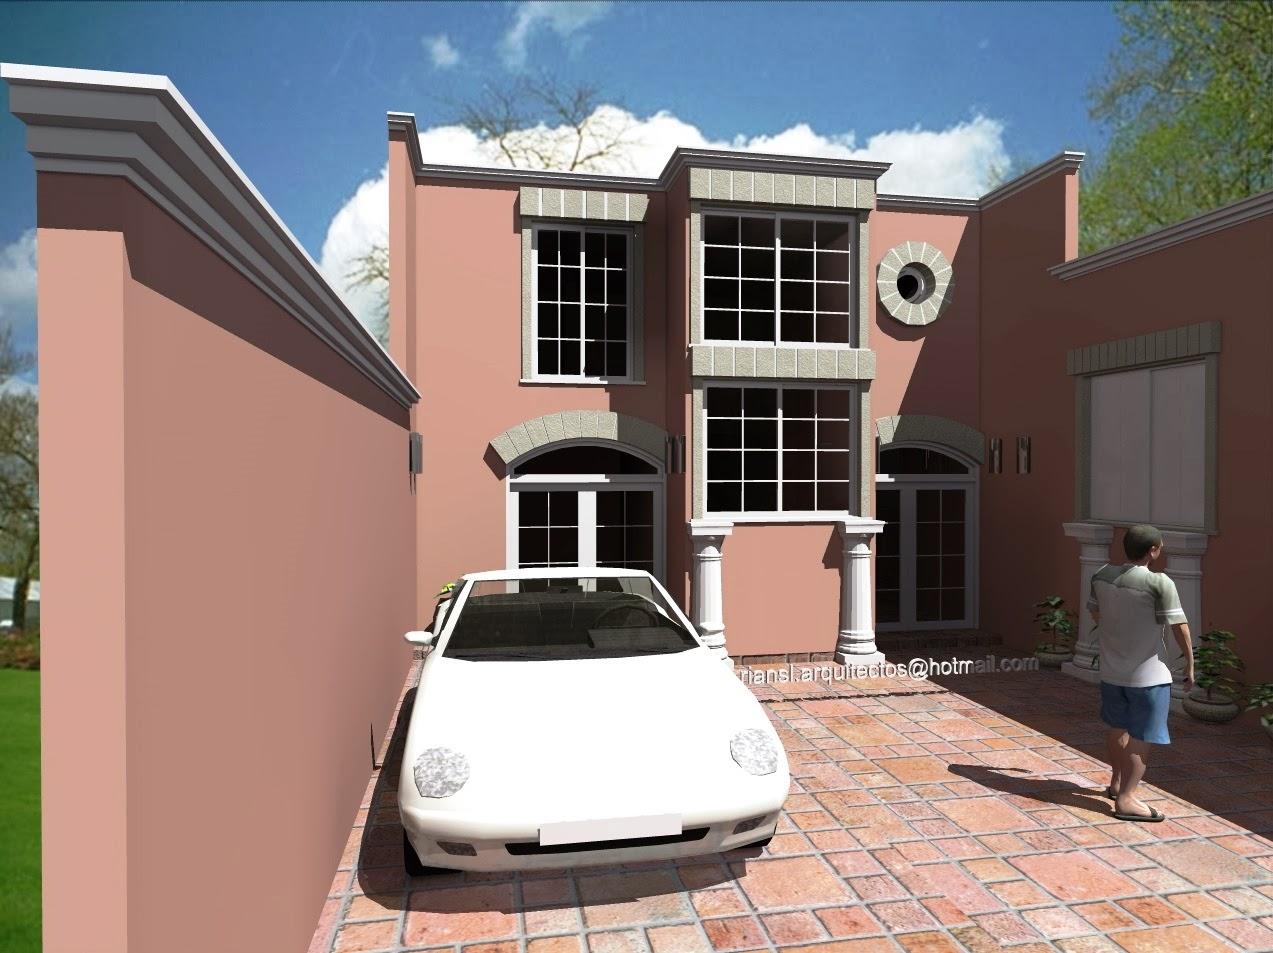 Proyectos virtuales dise o de casa habitaci n en 3d arq - Programa diseno casas 3d ...